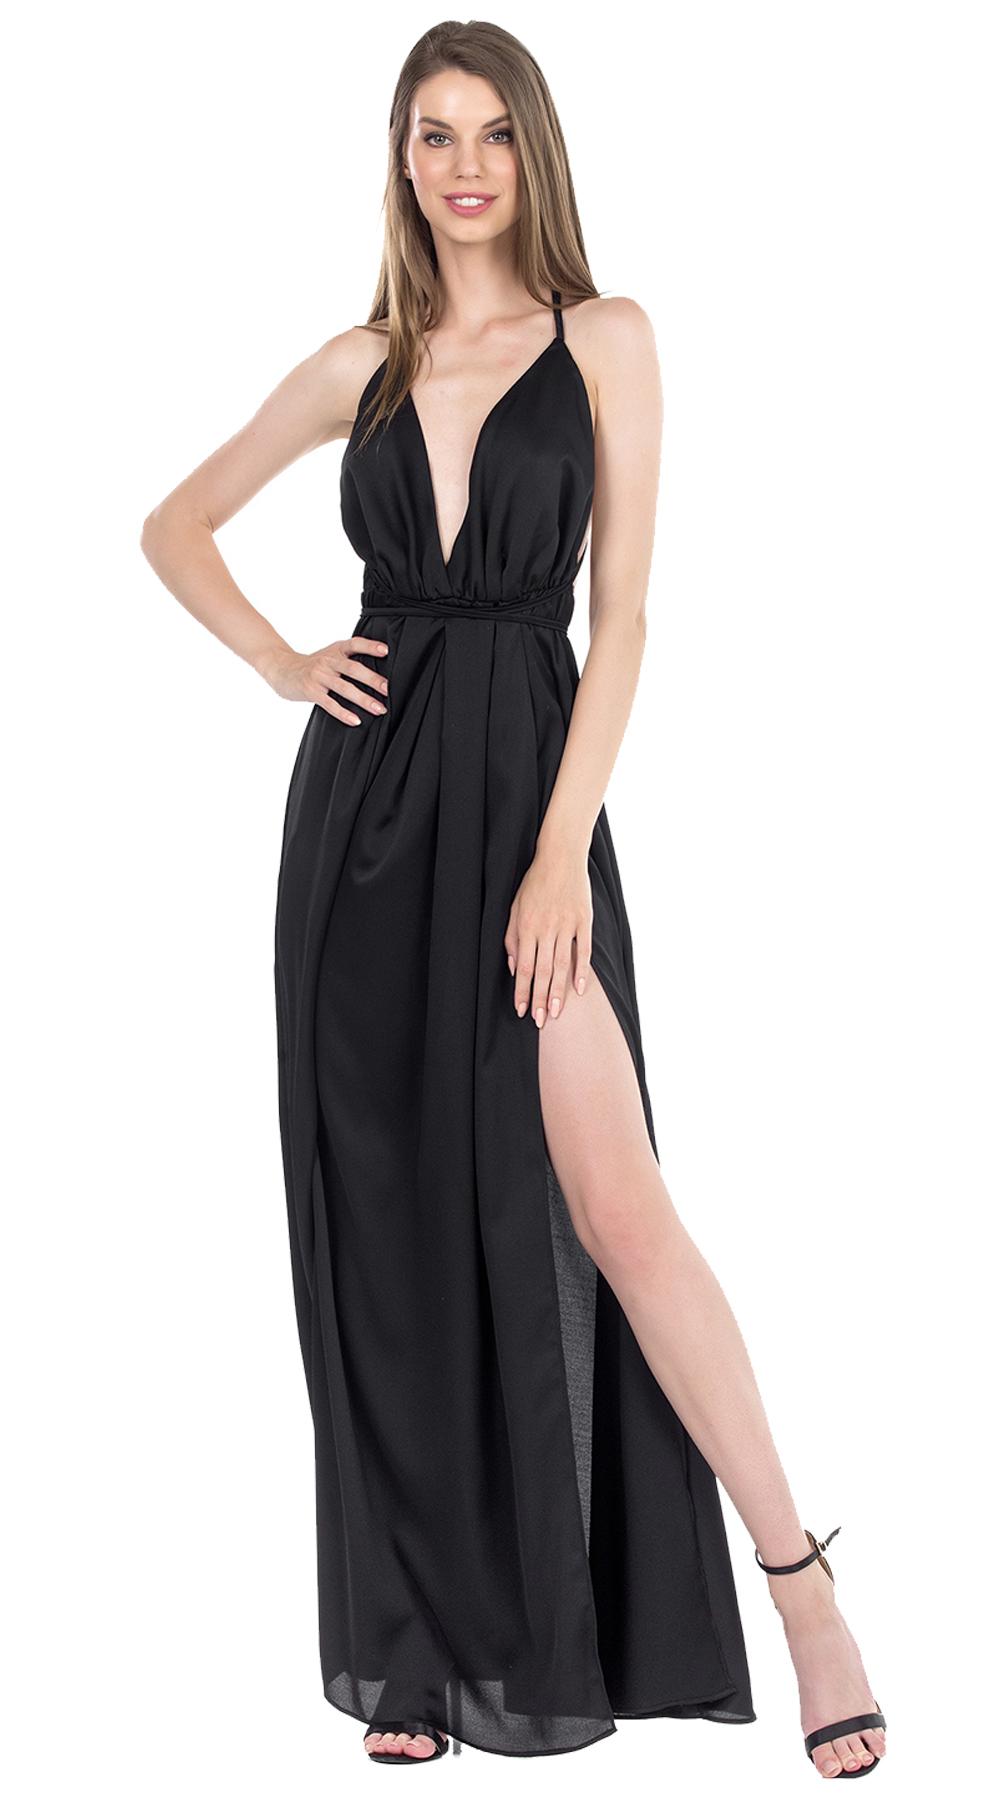 Μάξι Σατινέ Φόρεμα με πολυμορφικό δέσιμο ΙΟΛΗ ONLINE - ONLINE - SP19ON-58778